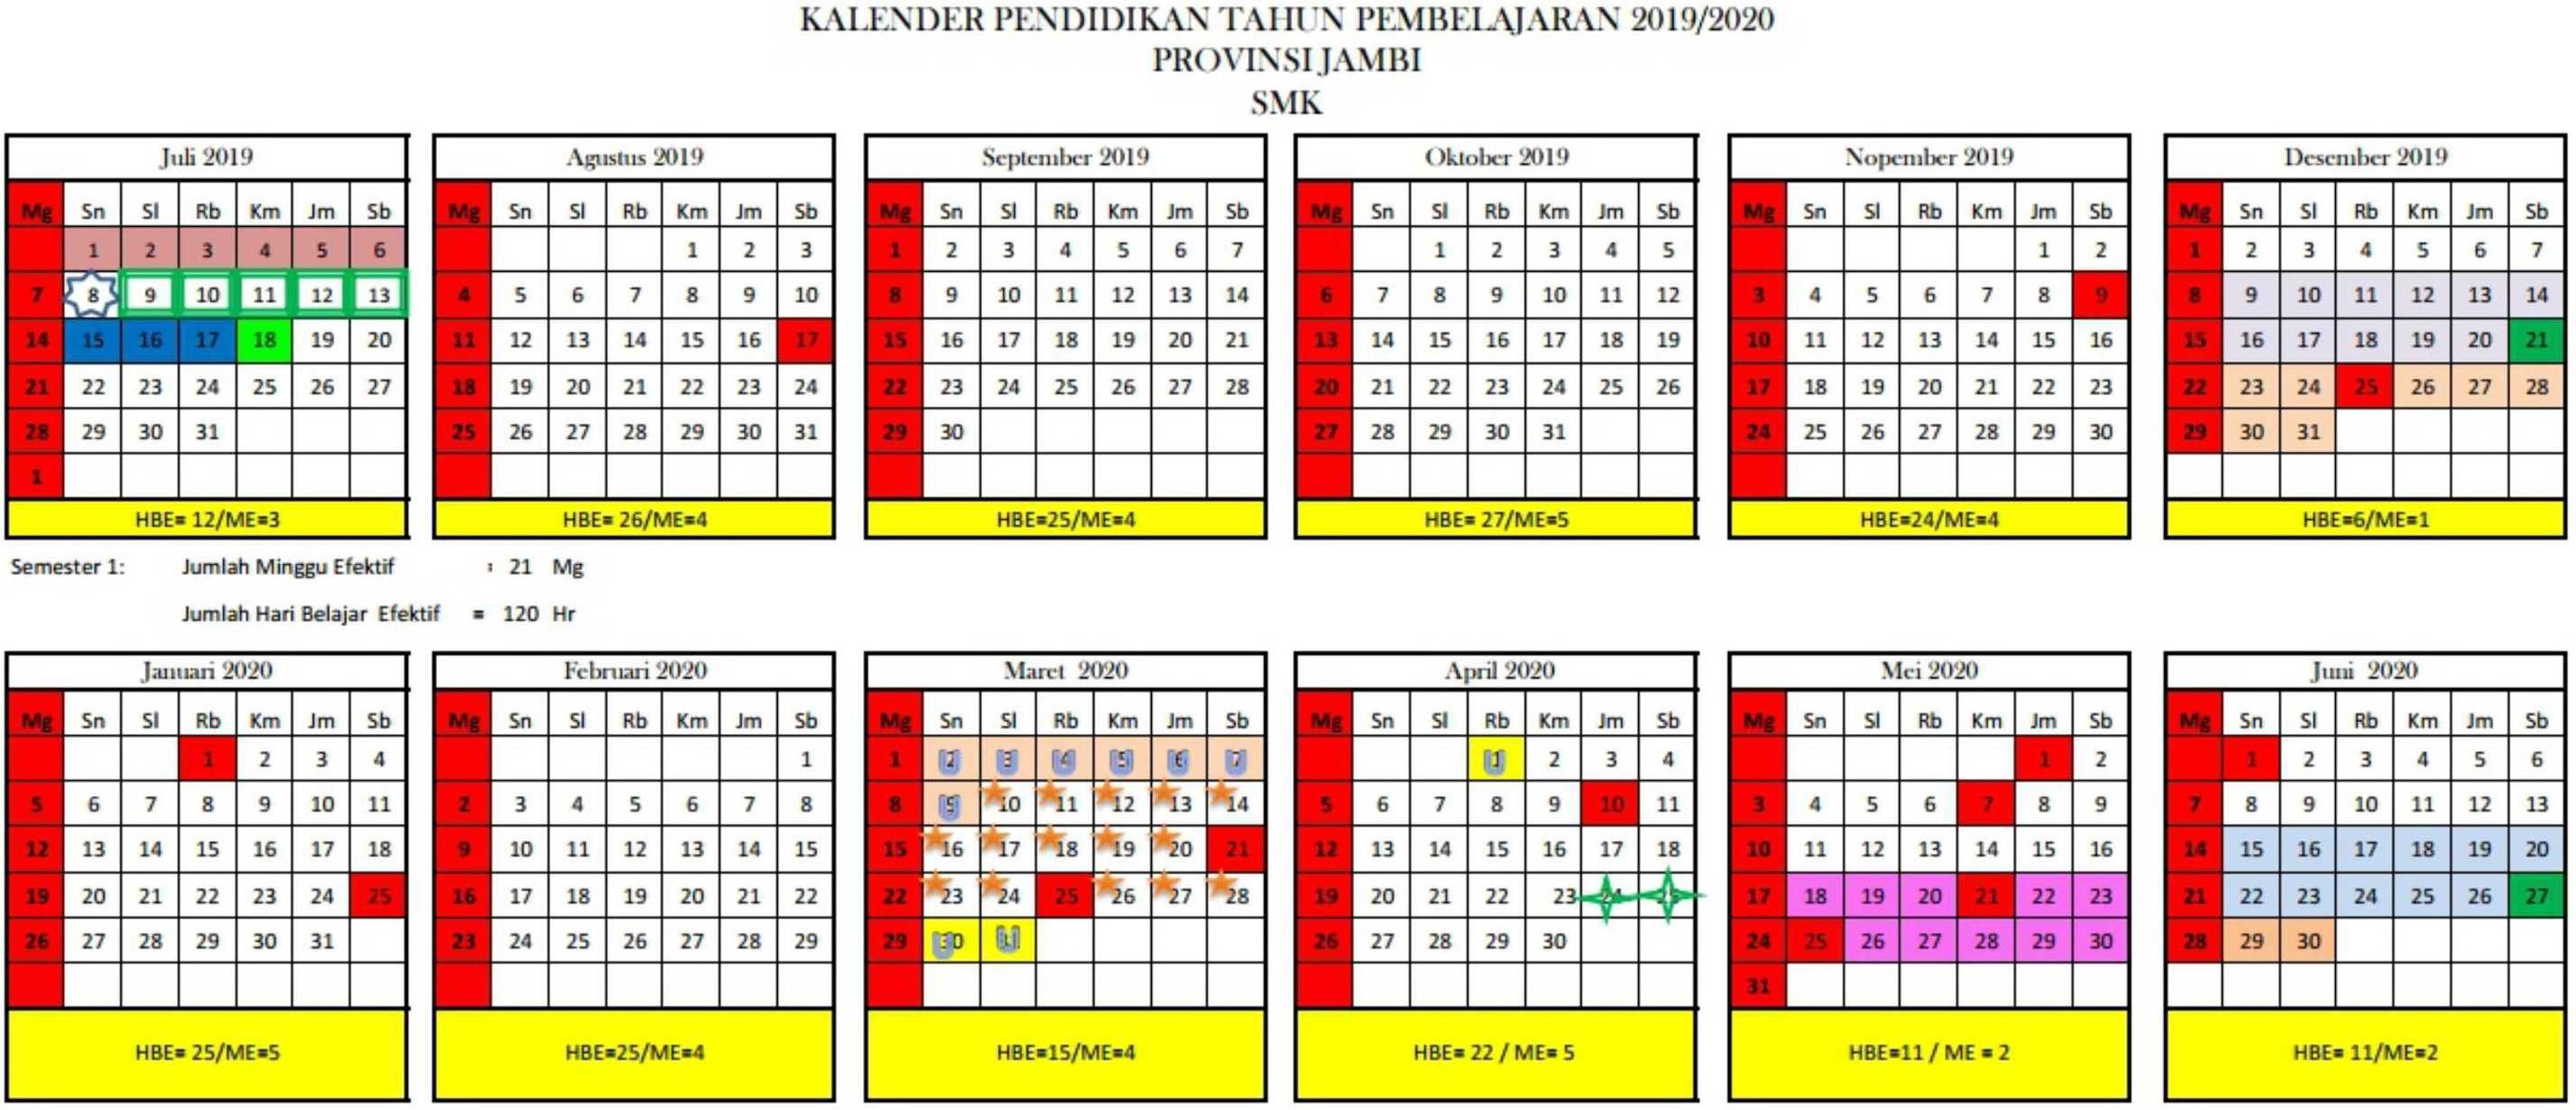 kalender pendidikan tahun pembelajaran 2019-2020 provinsi jambi SMK